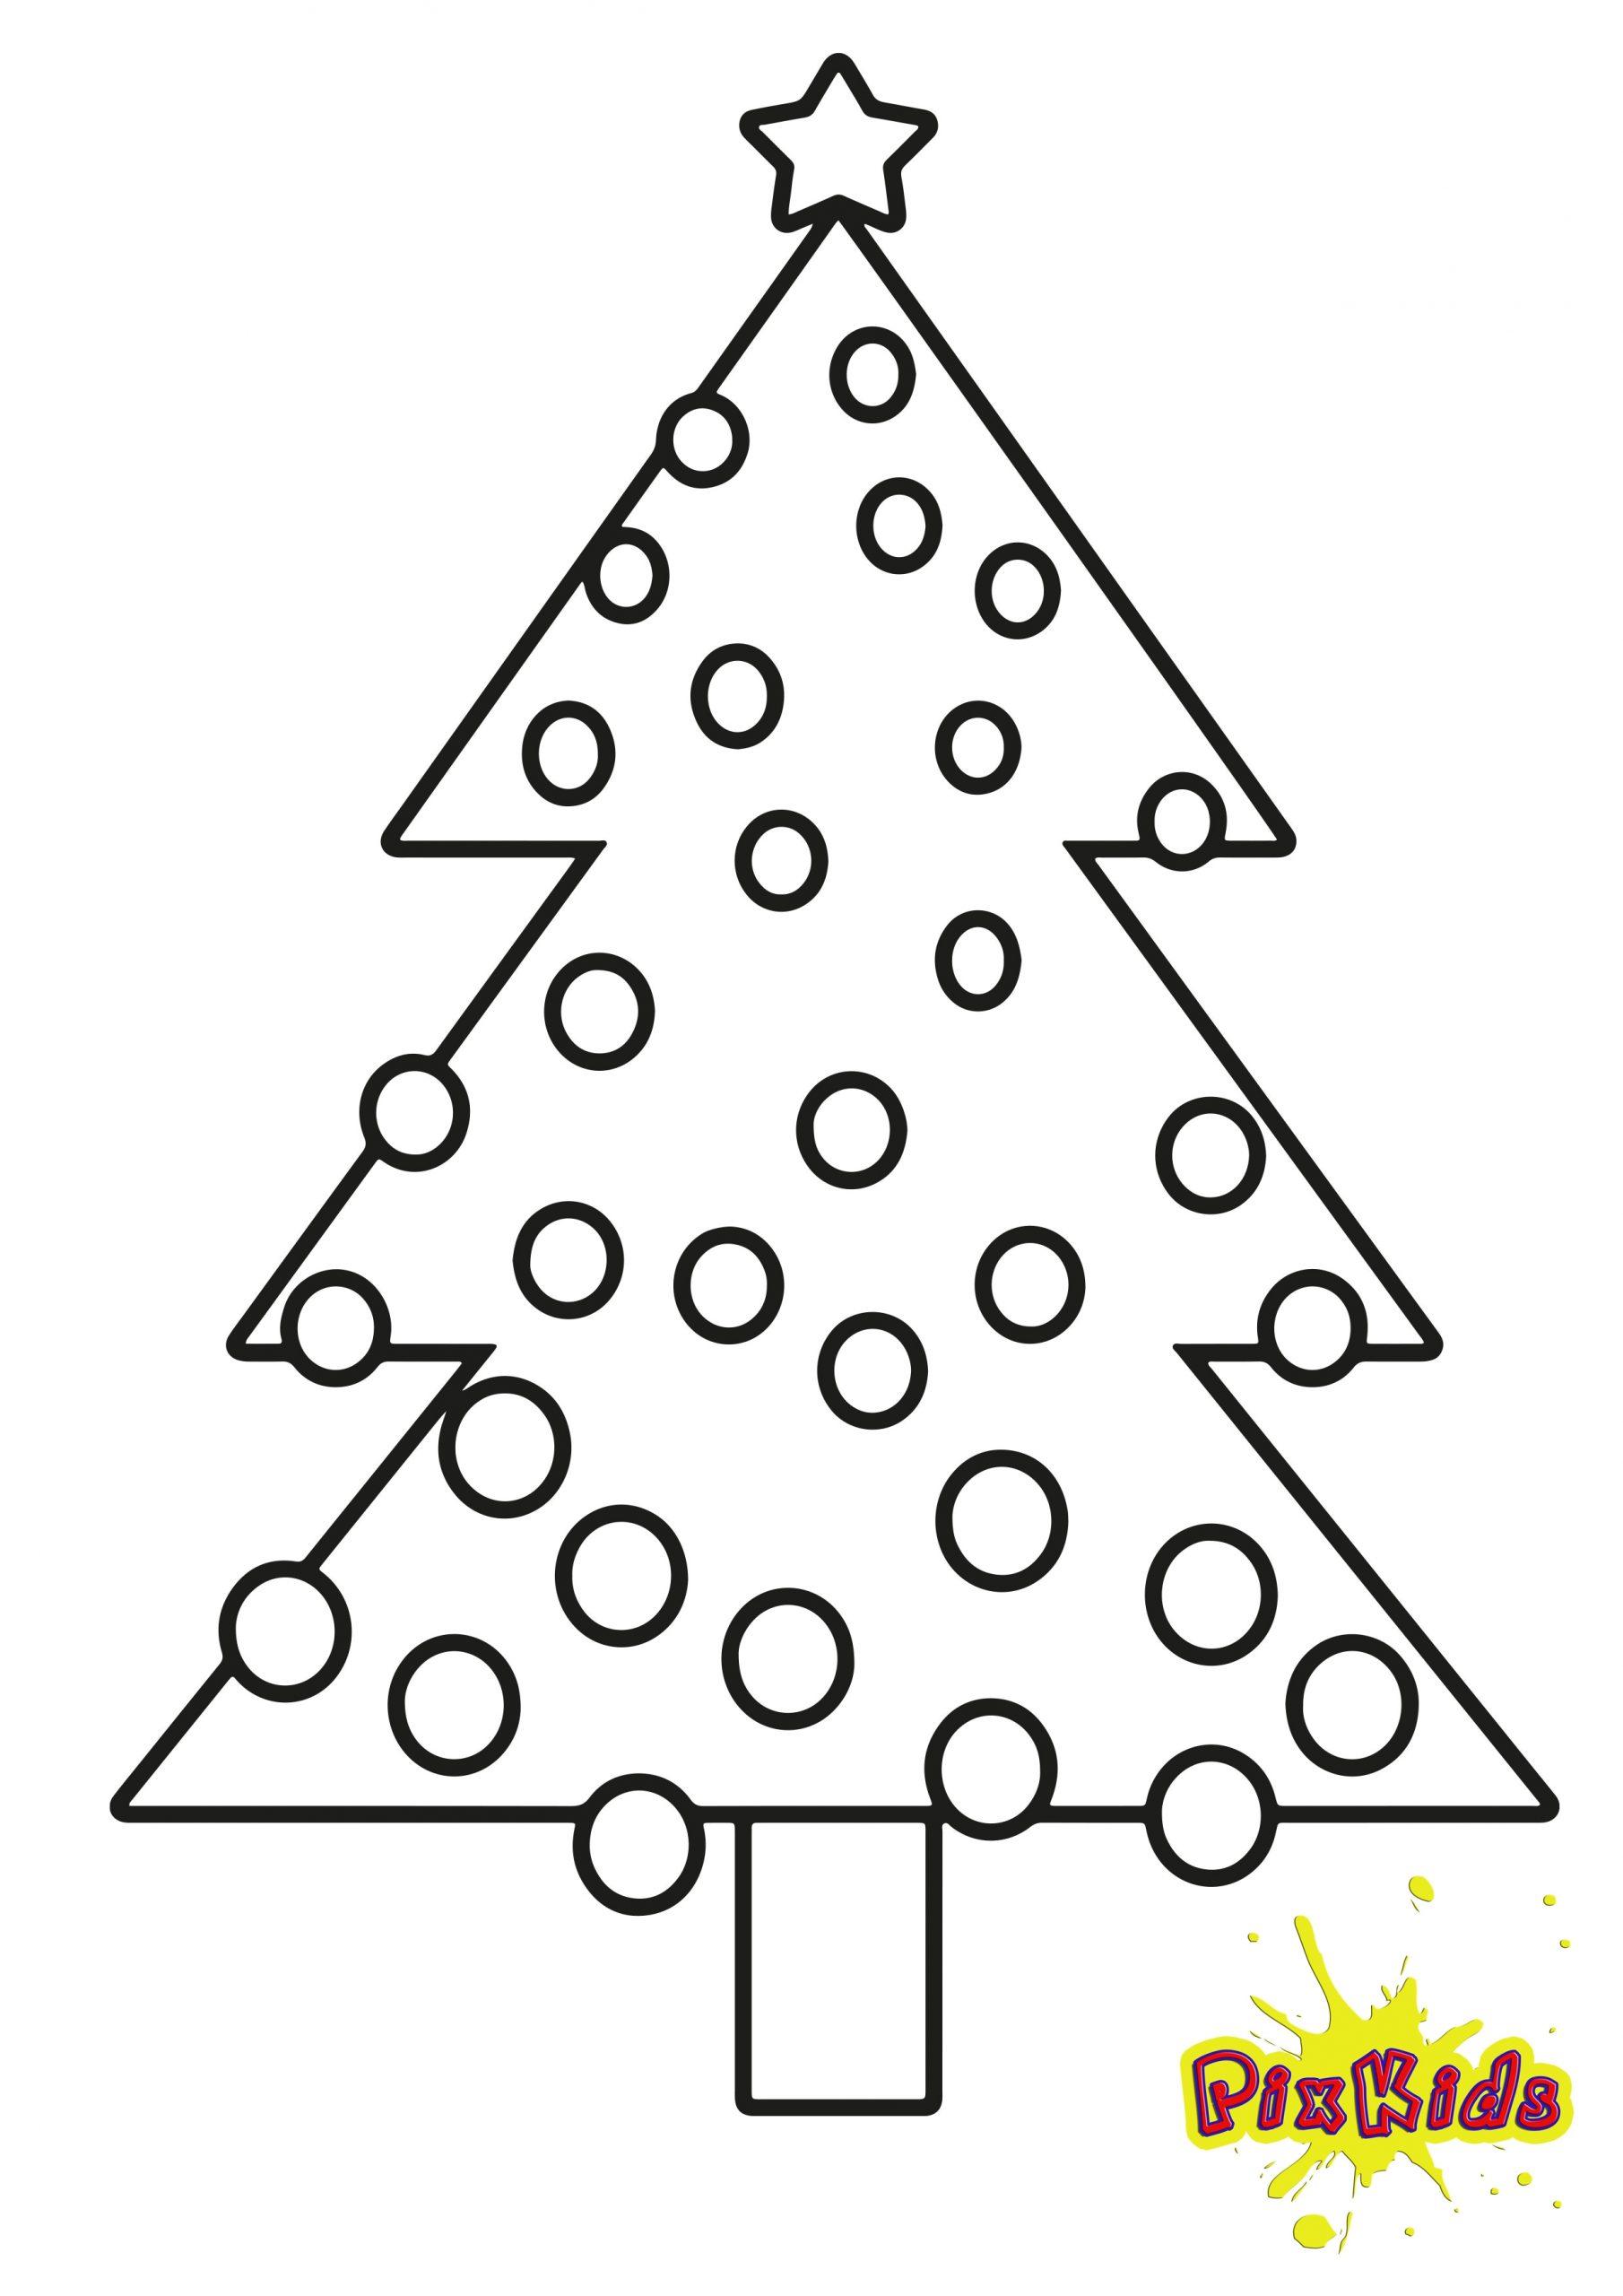 Ausmalbild Tannenbaum Weihnachtsbaum - Kostenlose Malvorlagen ganzes Weihnachtsbaum Malvorlage